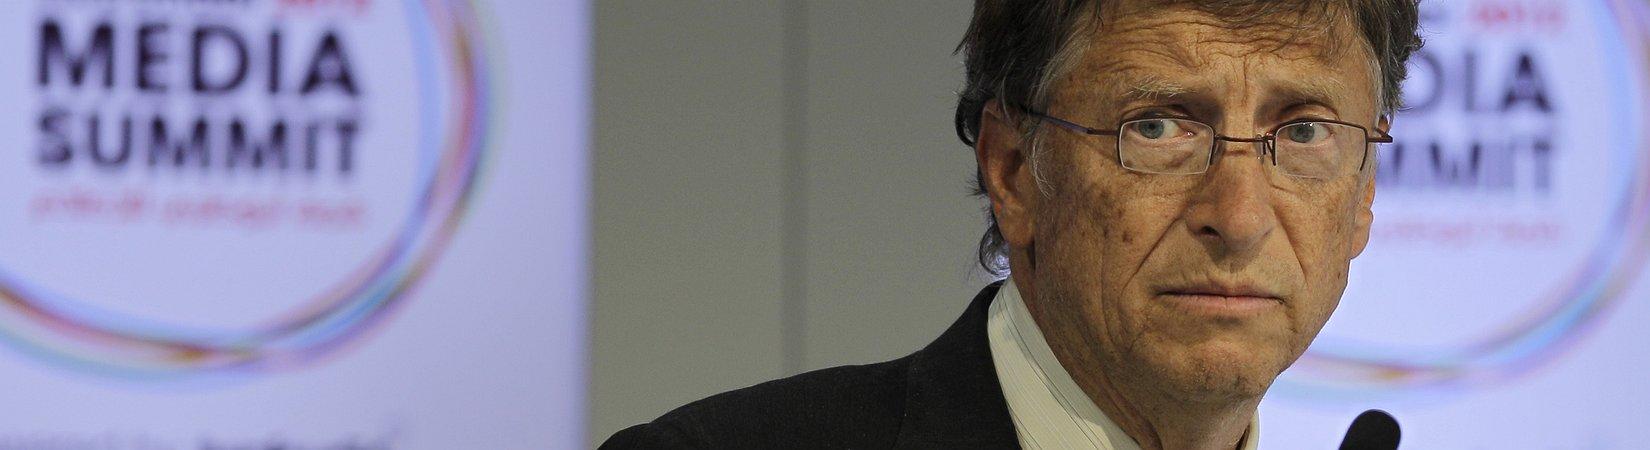 Bill Gates non è più l'uomo più ricco del mondo